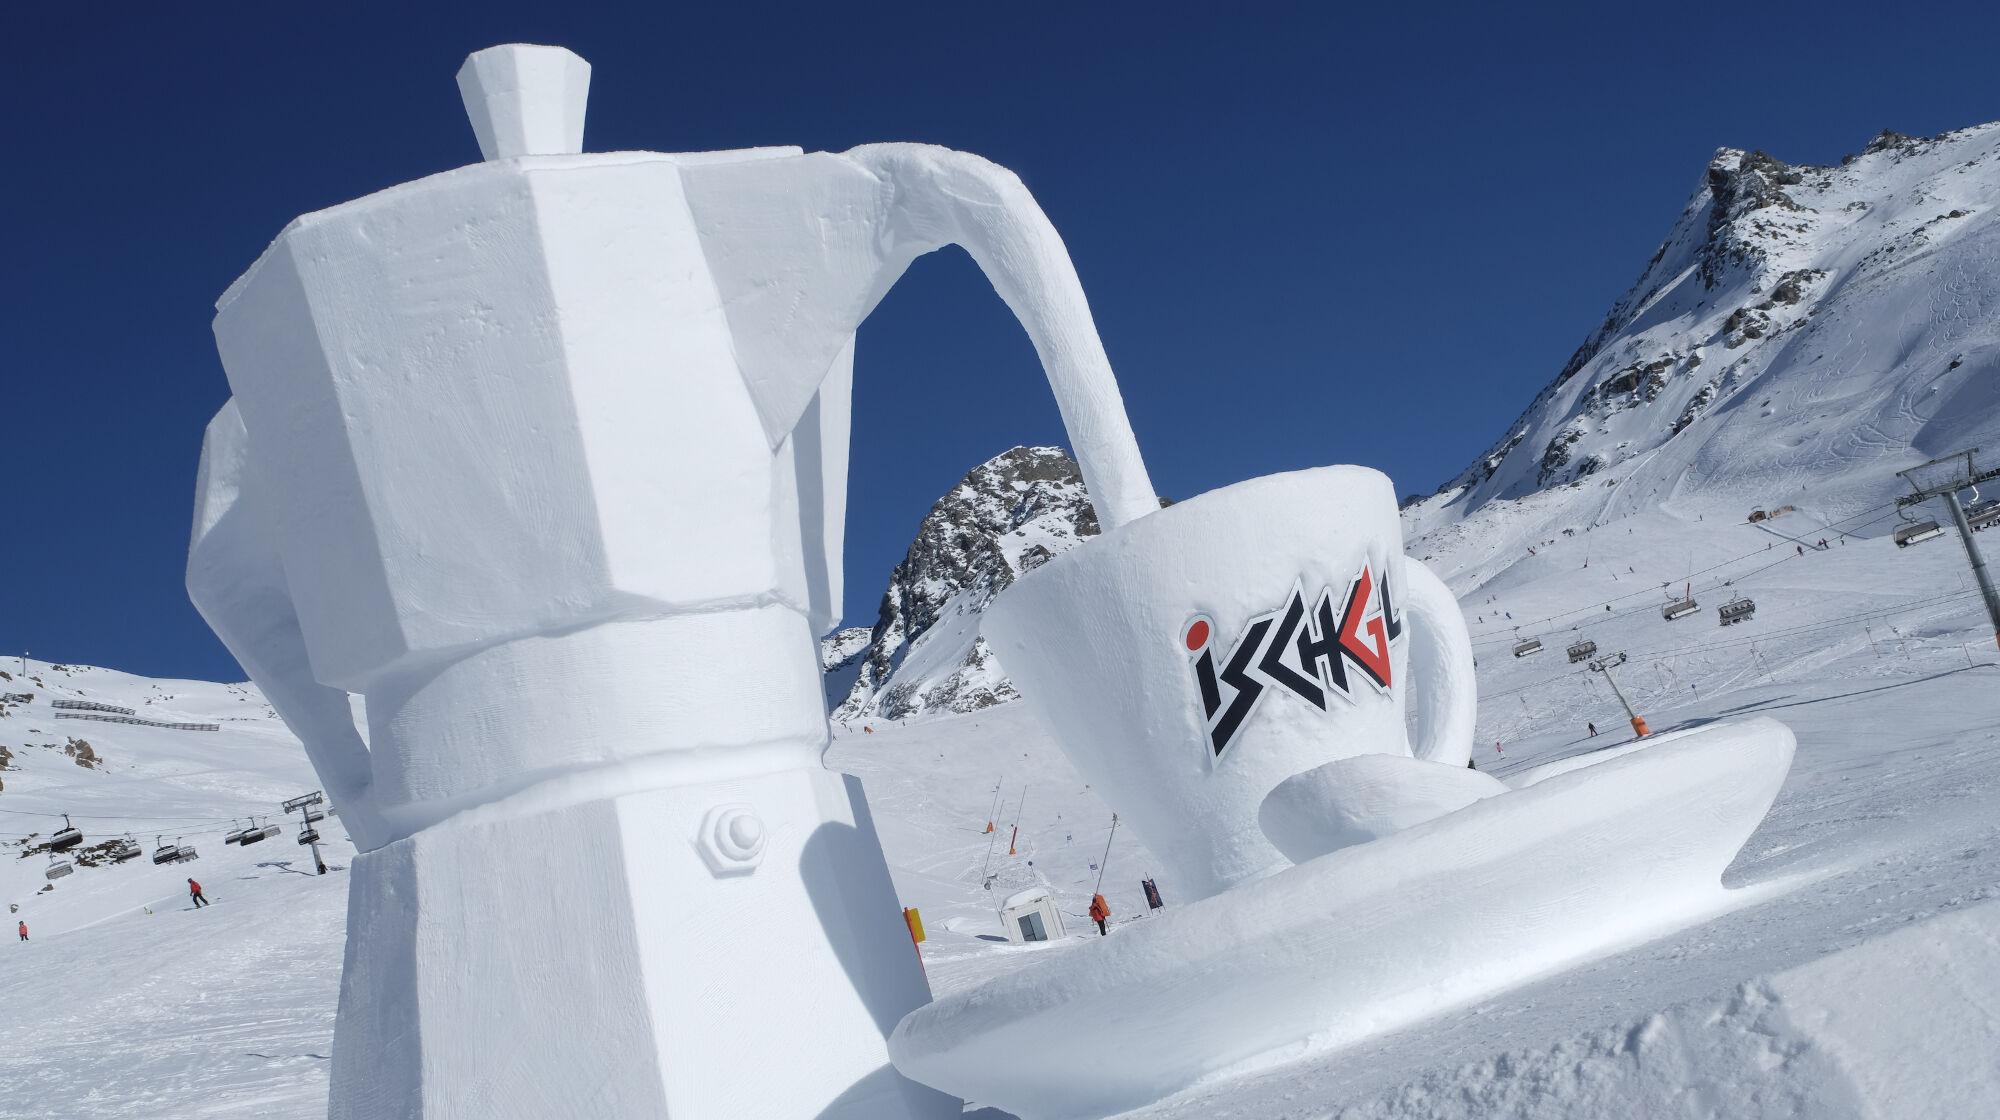 Schneeskulptur in Ischgl